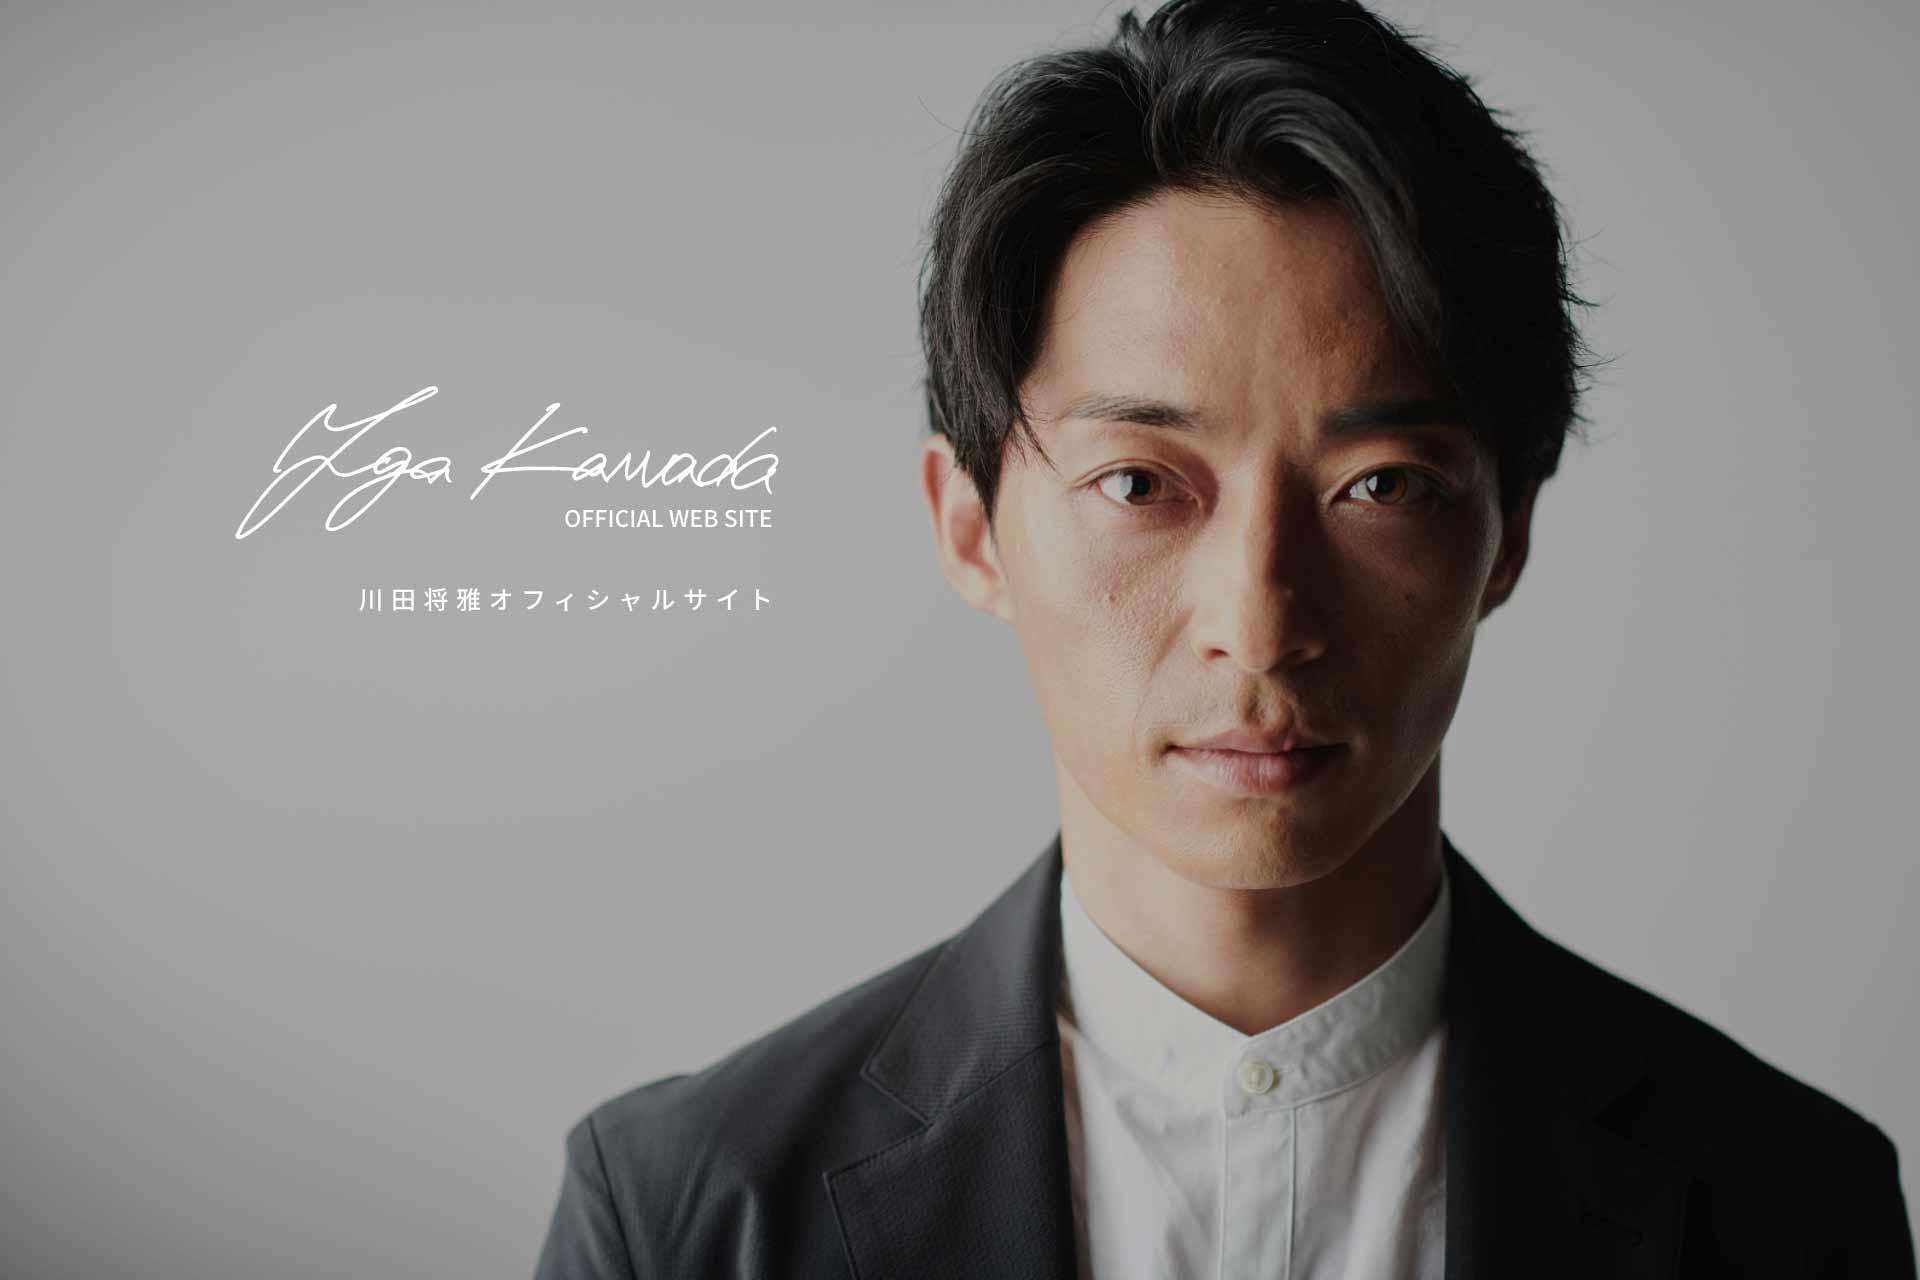 川田将雅オフィシャルサイト 2021年9月下旬公開